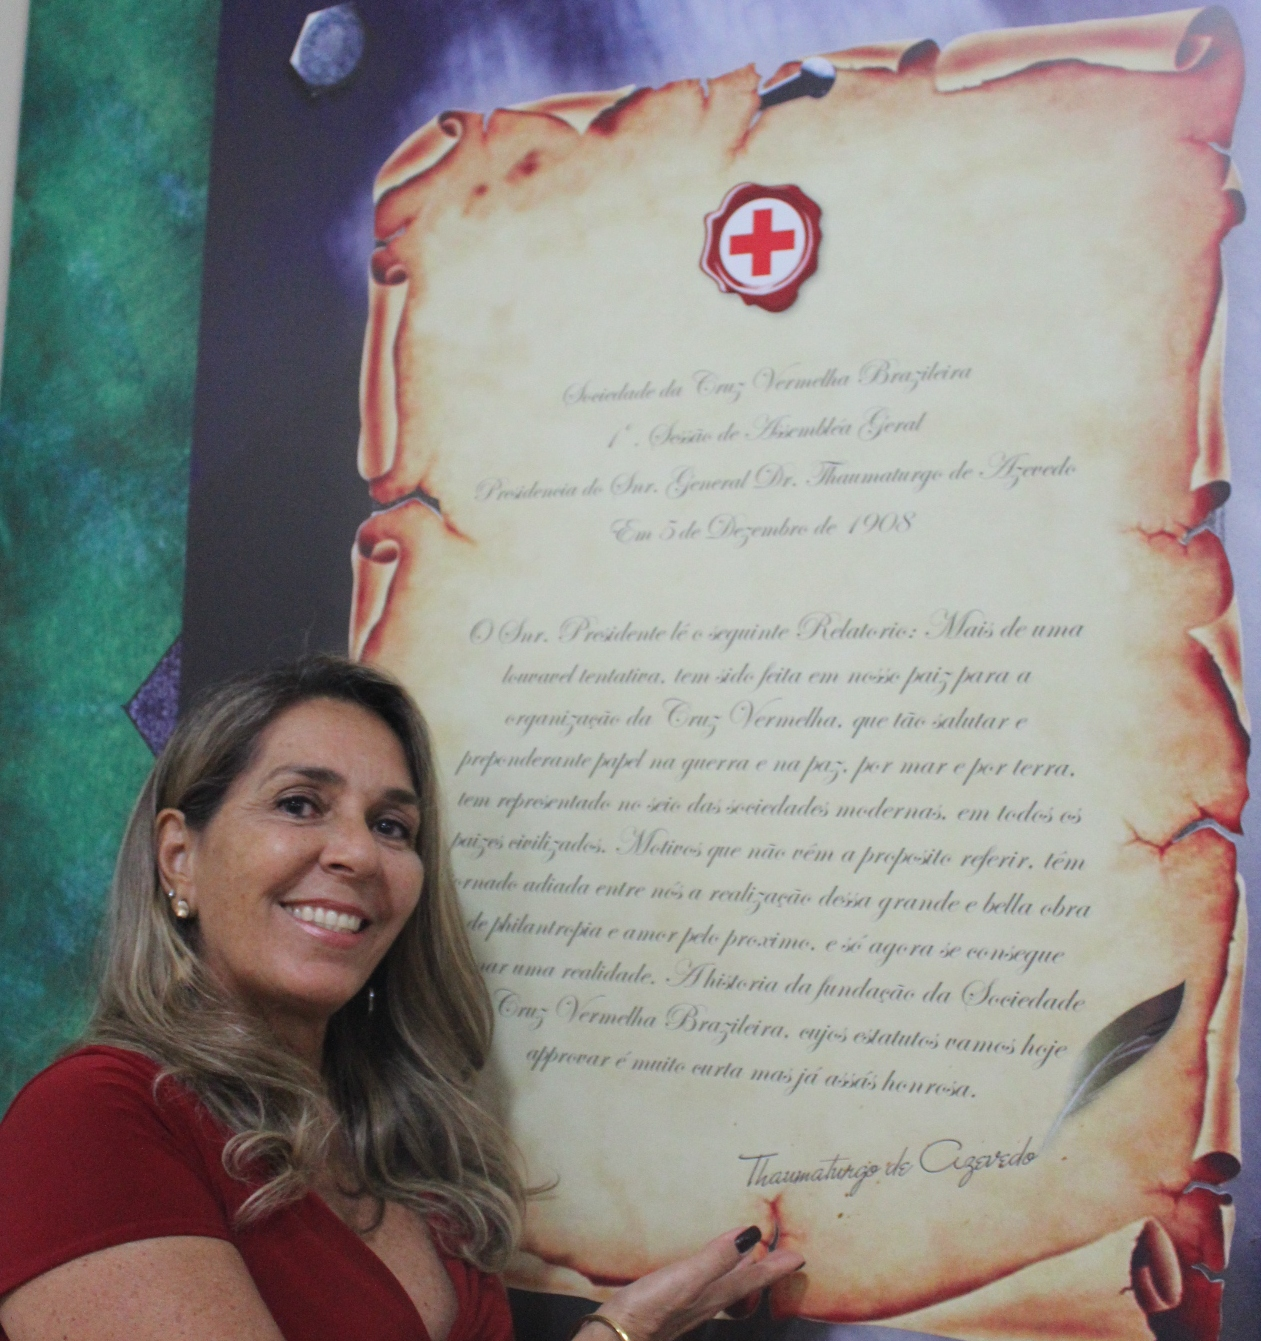 Cruz Vermelha Brasileira homenageia bisneta de seu fundador (2)